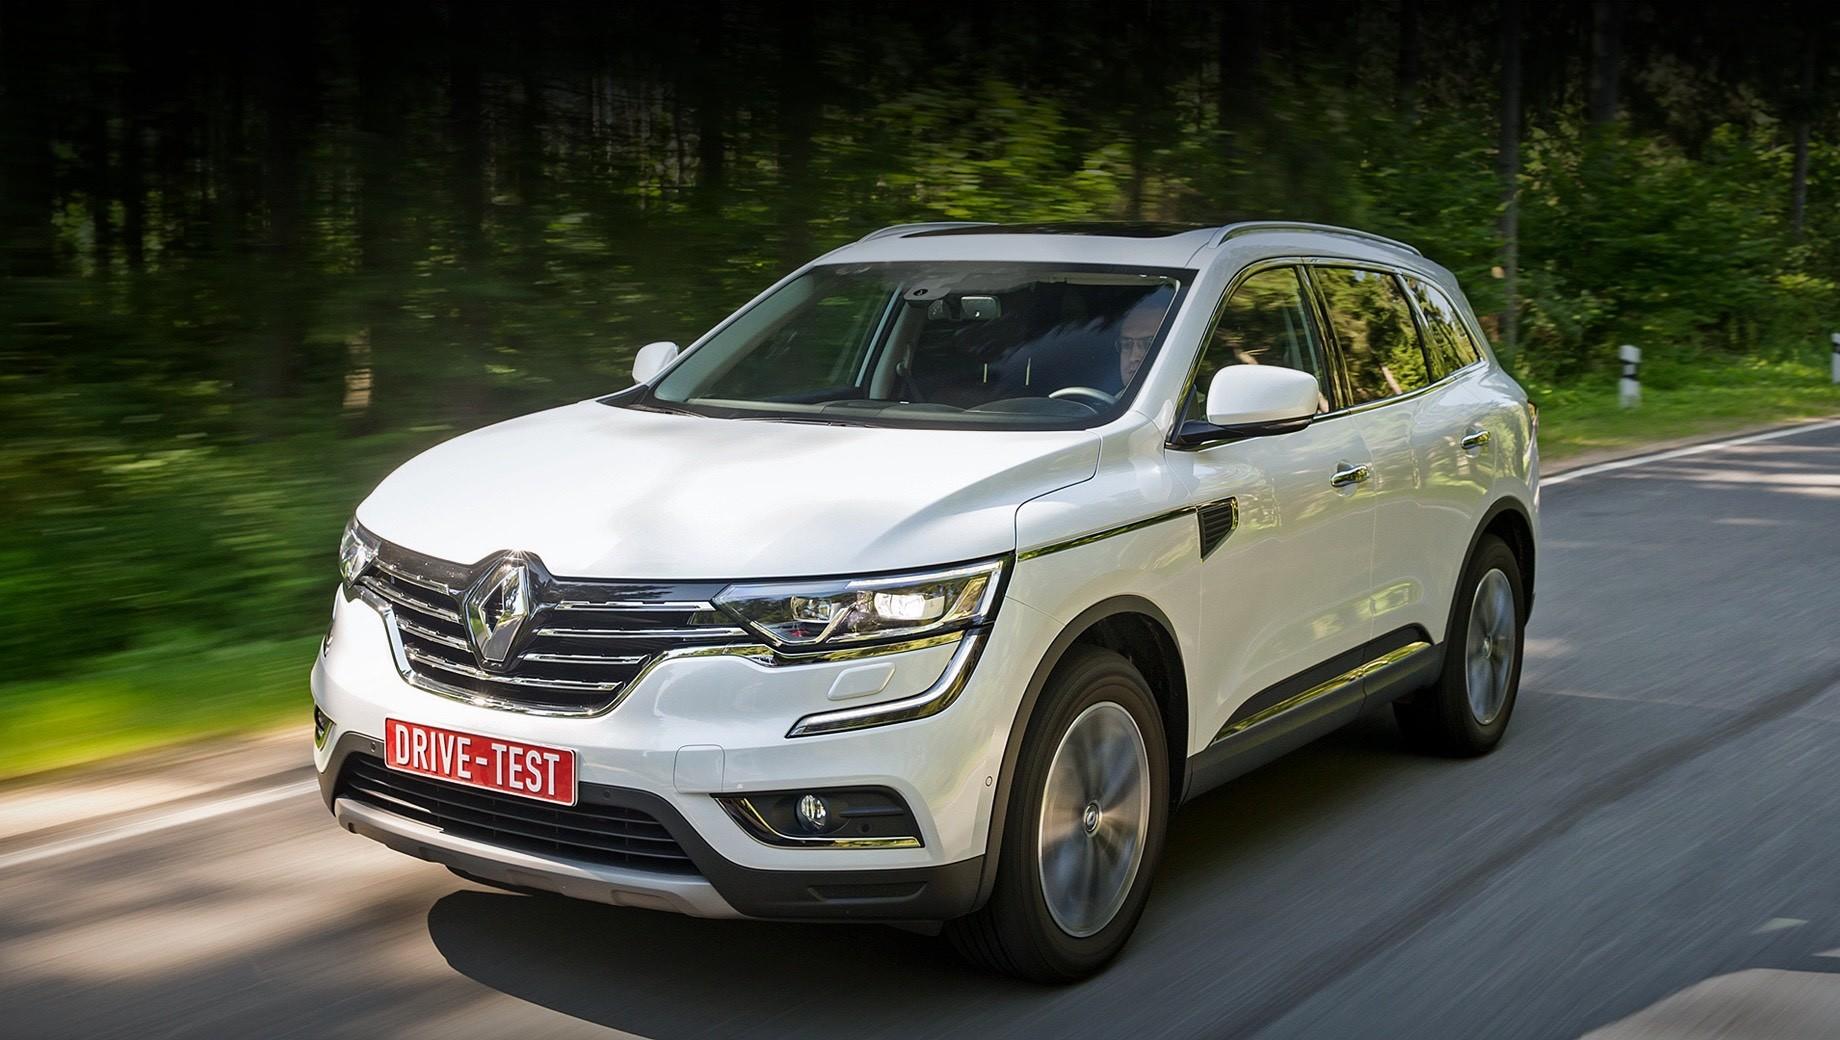 Renault koleos. Renault Koleos из российской гаммы моделей уже выпал. У нас пятидверка продавалась c тремя бензиновыми и дизельными моторами на выбор (144–177 л.с.) по цене от 1 699 000 до 2 337 900 рублей.